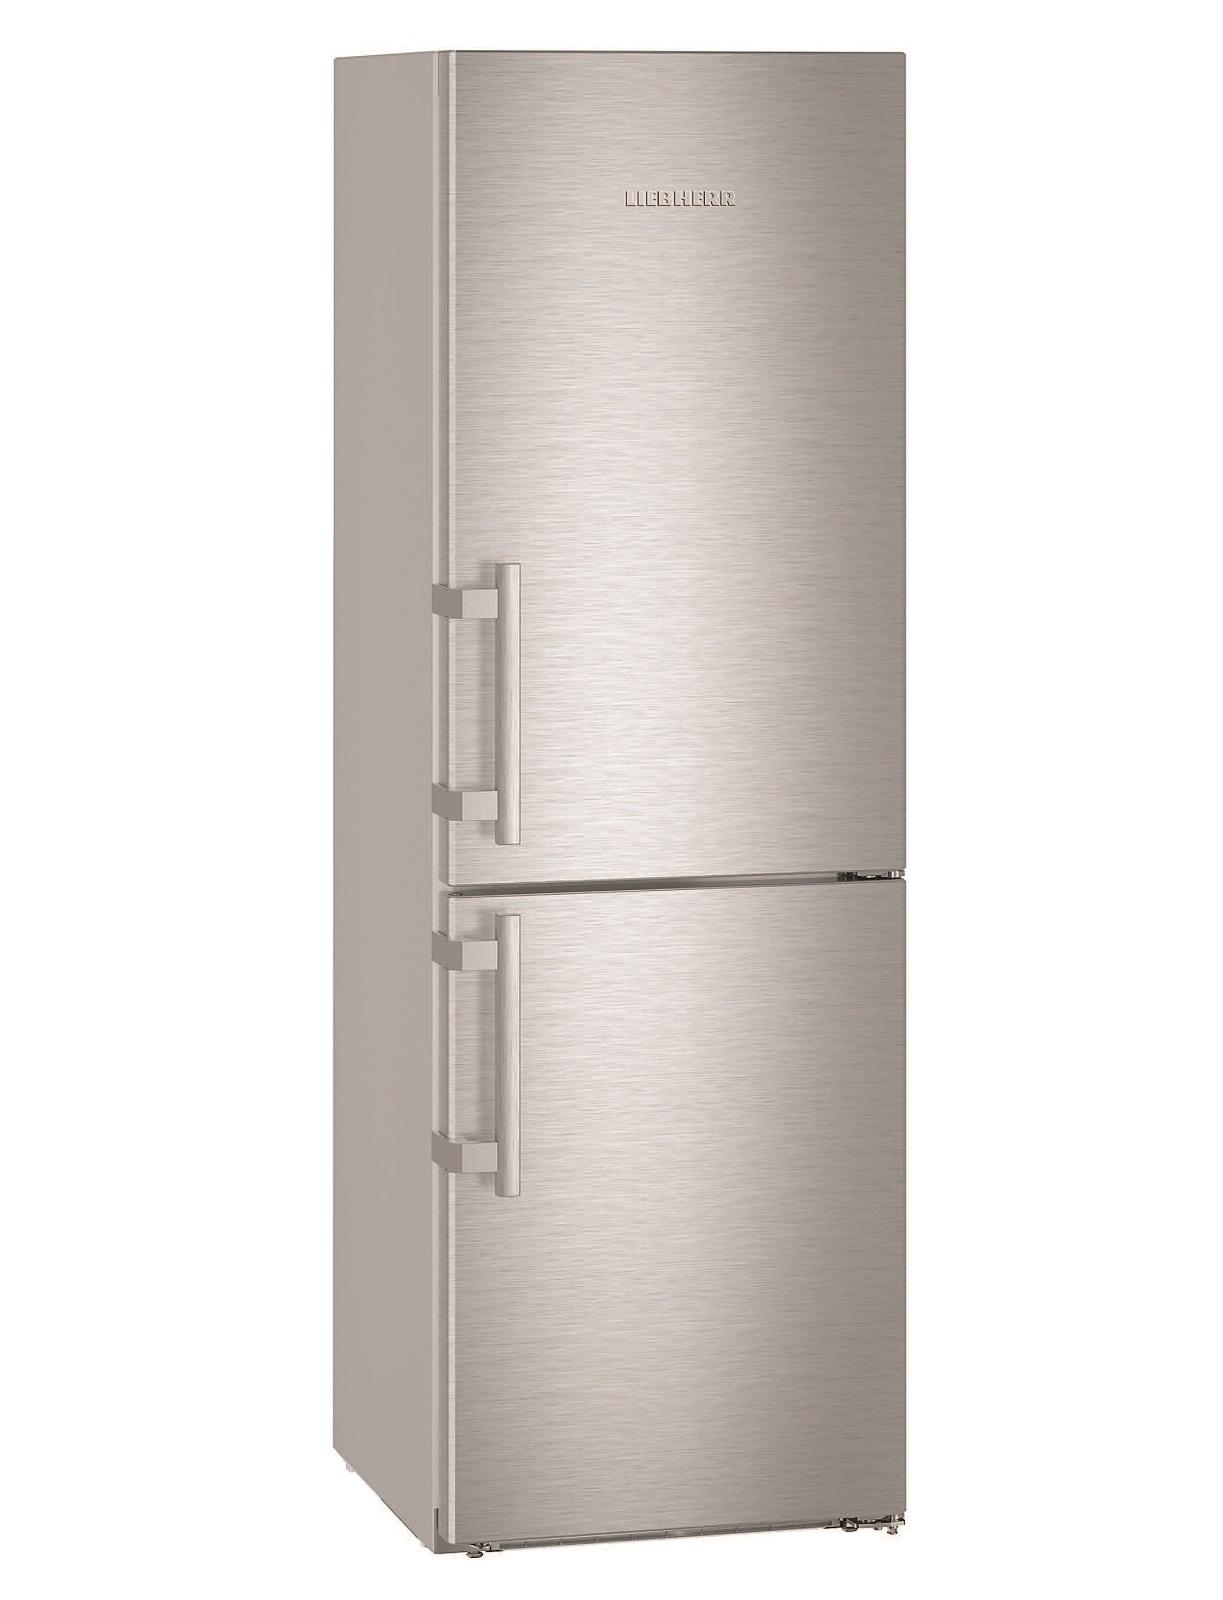 купить Двухкамерный холодильник Liebherr CNef 4335 Украина фото 4